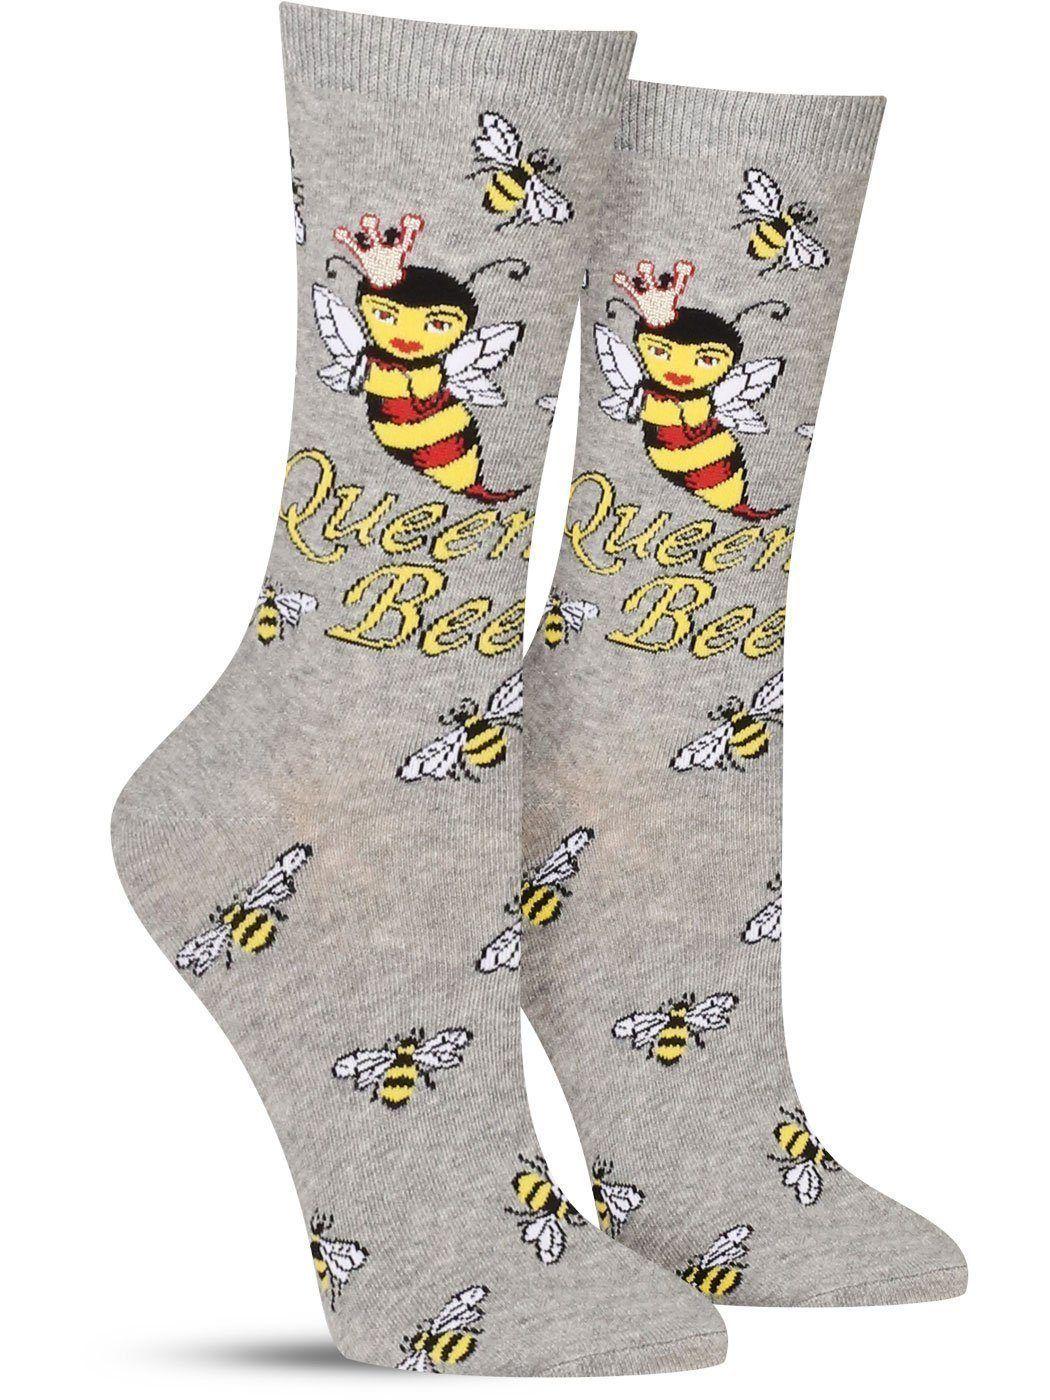 Queen Bee Socks Womens In 2020 Bee Sock Novelty Socks Woman Queen Bees